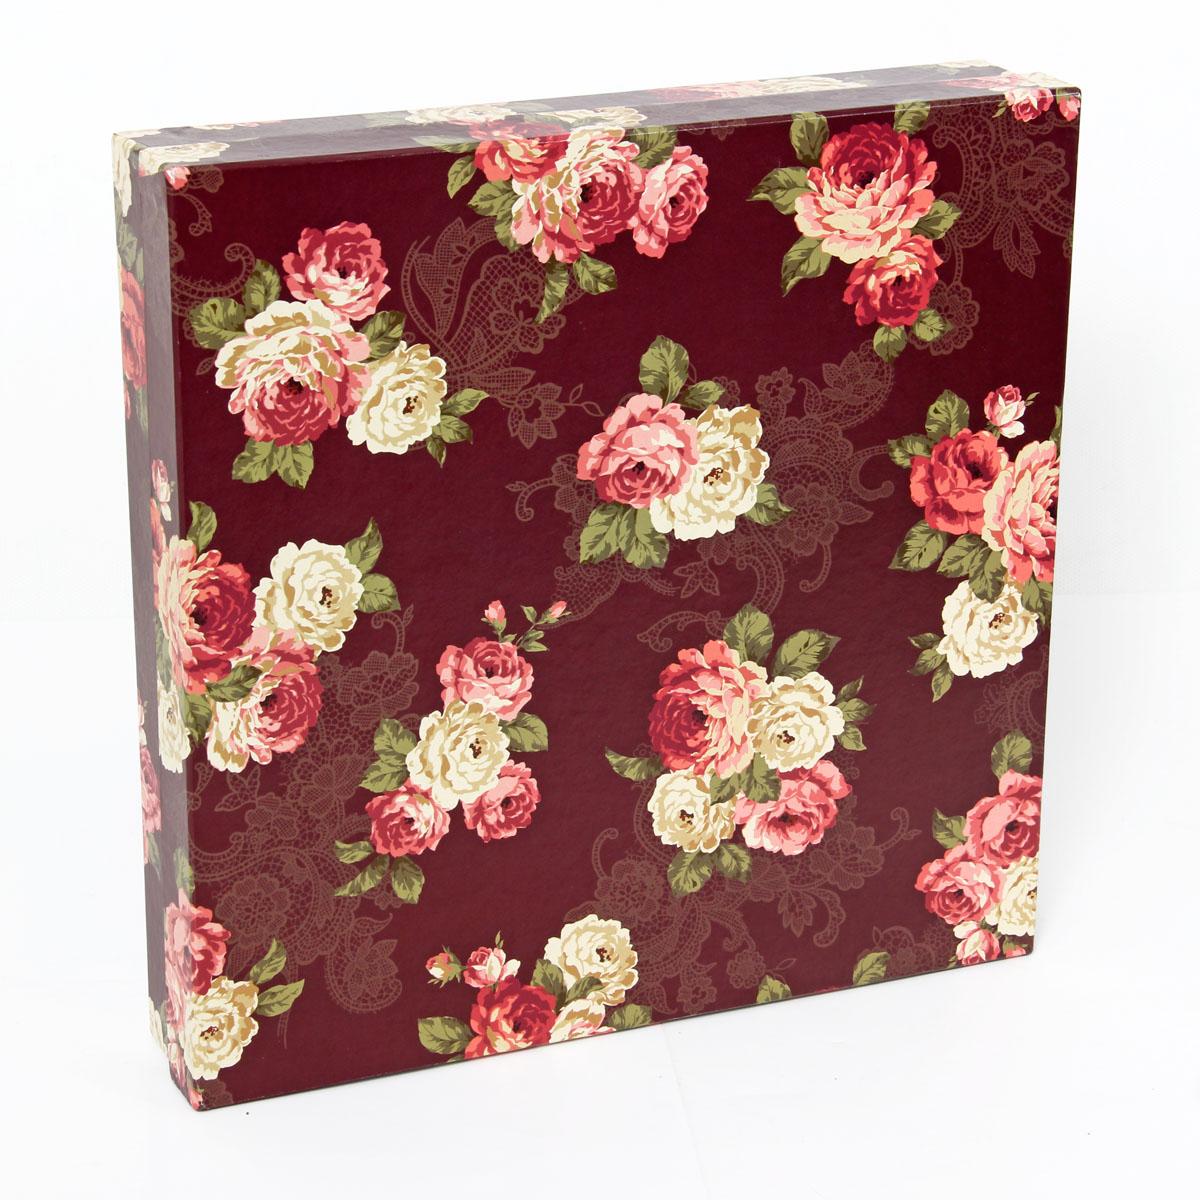 Набор подарочных коробок Veld-Co Цветочный принт, 4 шт набор подарочных коробок veld co небесные музыканты круглые 4 шт